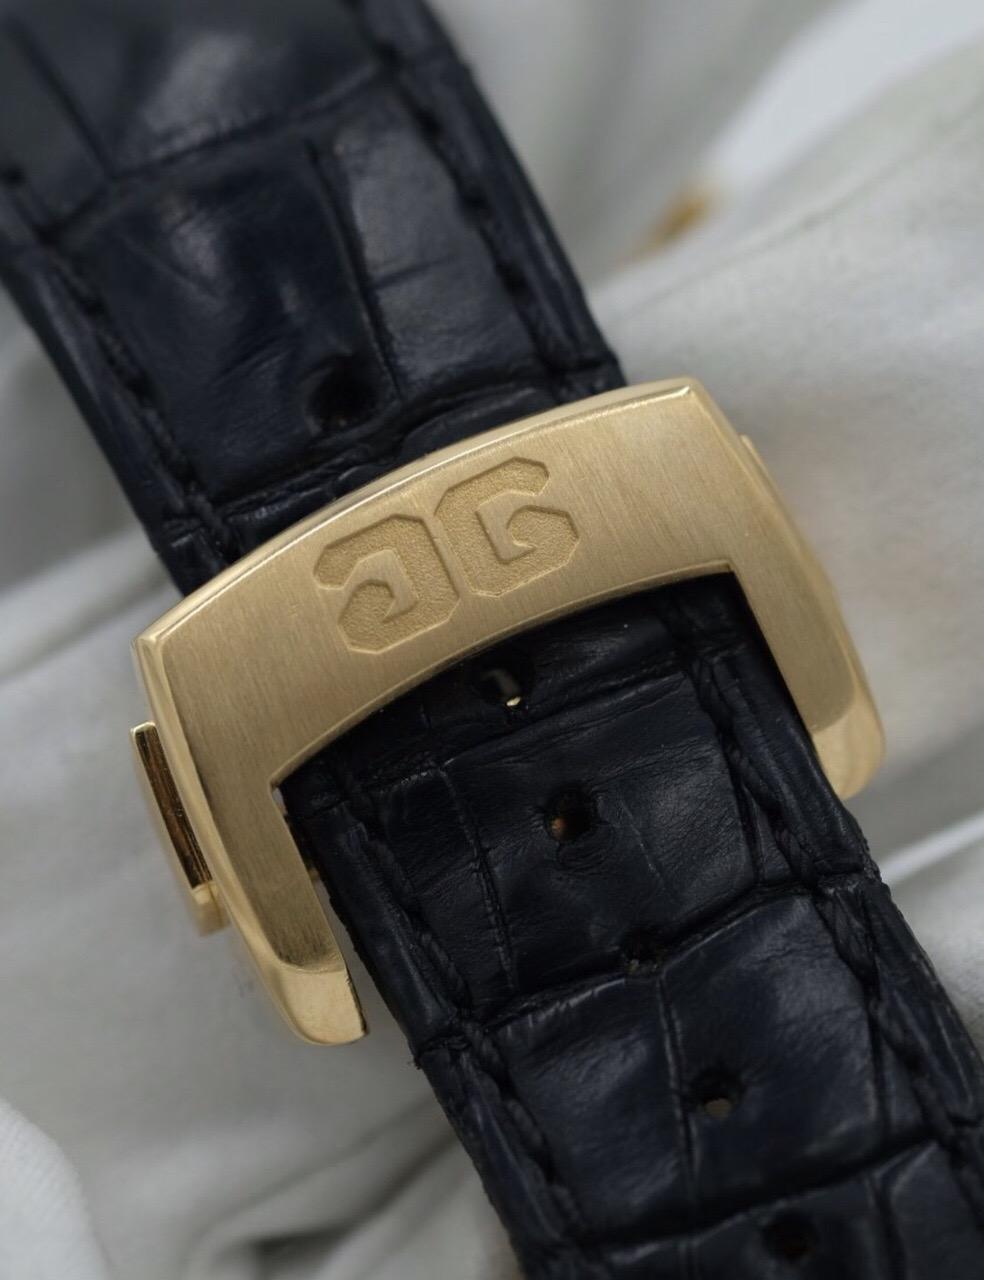 Glashutte Original vàng hồng sản xuất năm 2016_1